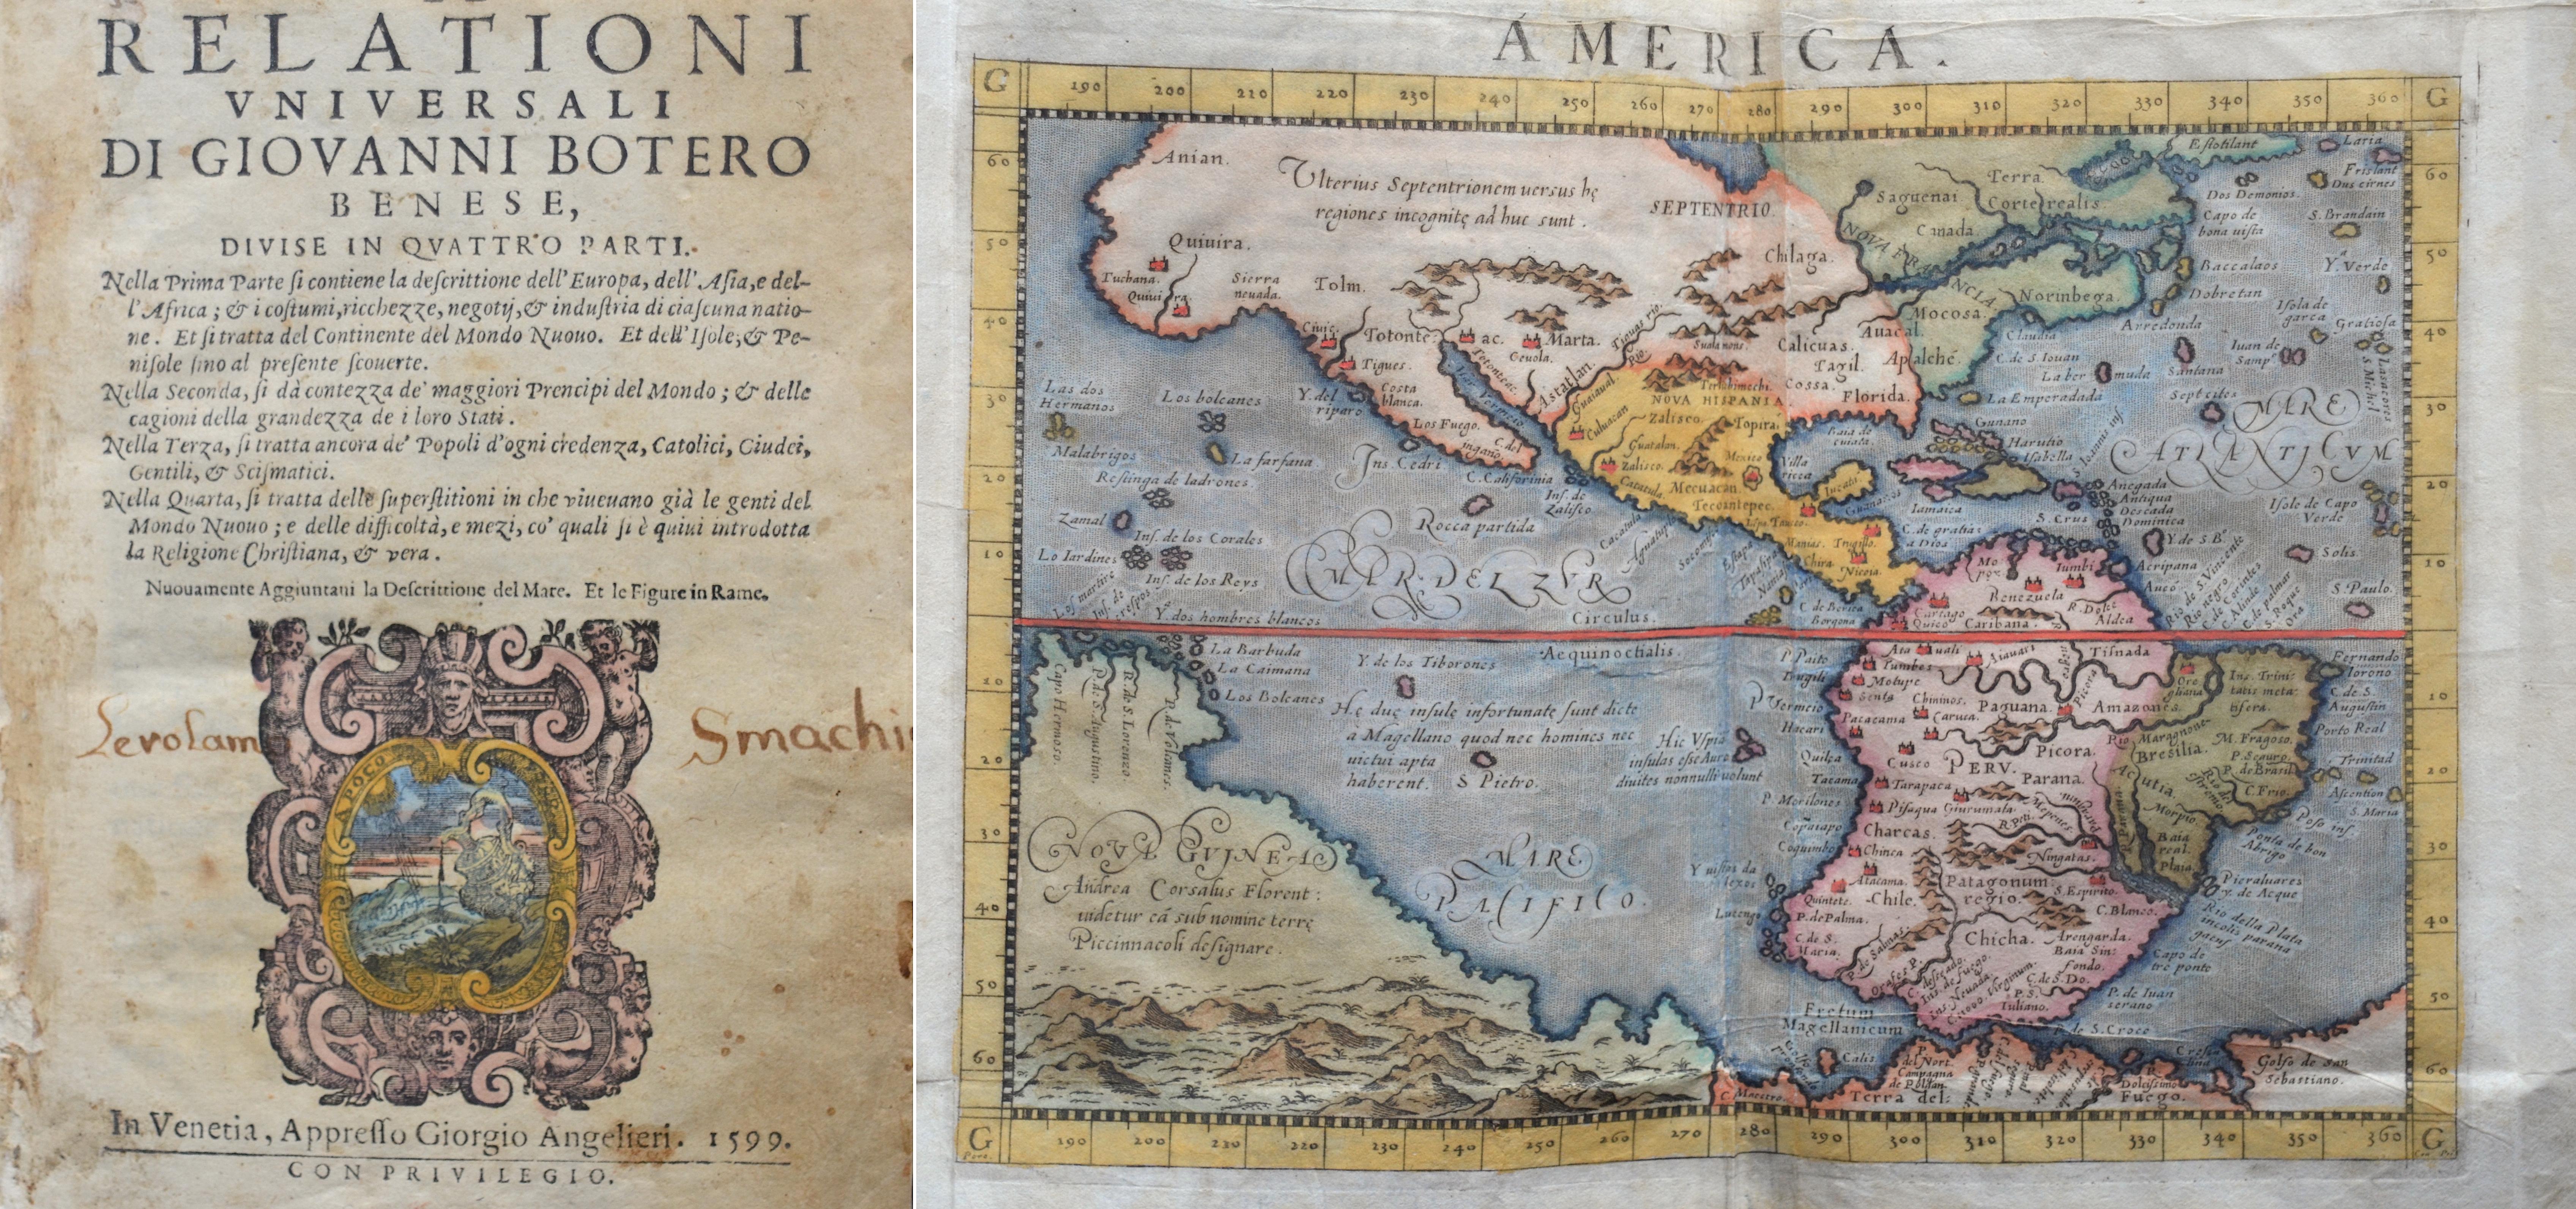 Botero Giovanni Le Relationi Universali die Giovanni Botero Benese Divise in quatro parti…In Venetia, Apresso Giorgio Anglelieri. 1599